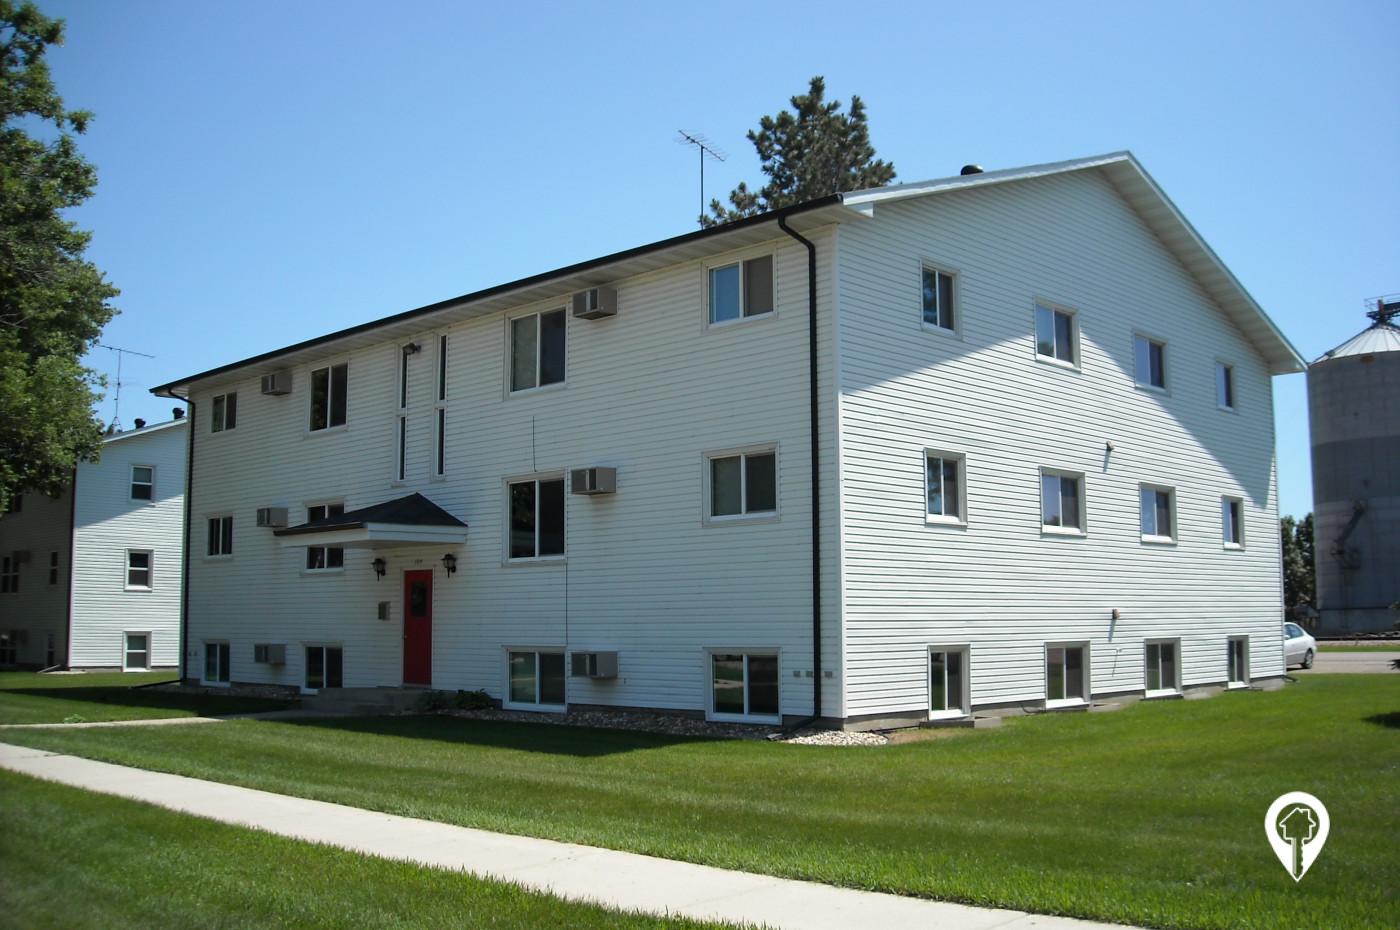 Dakota Village